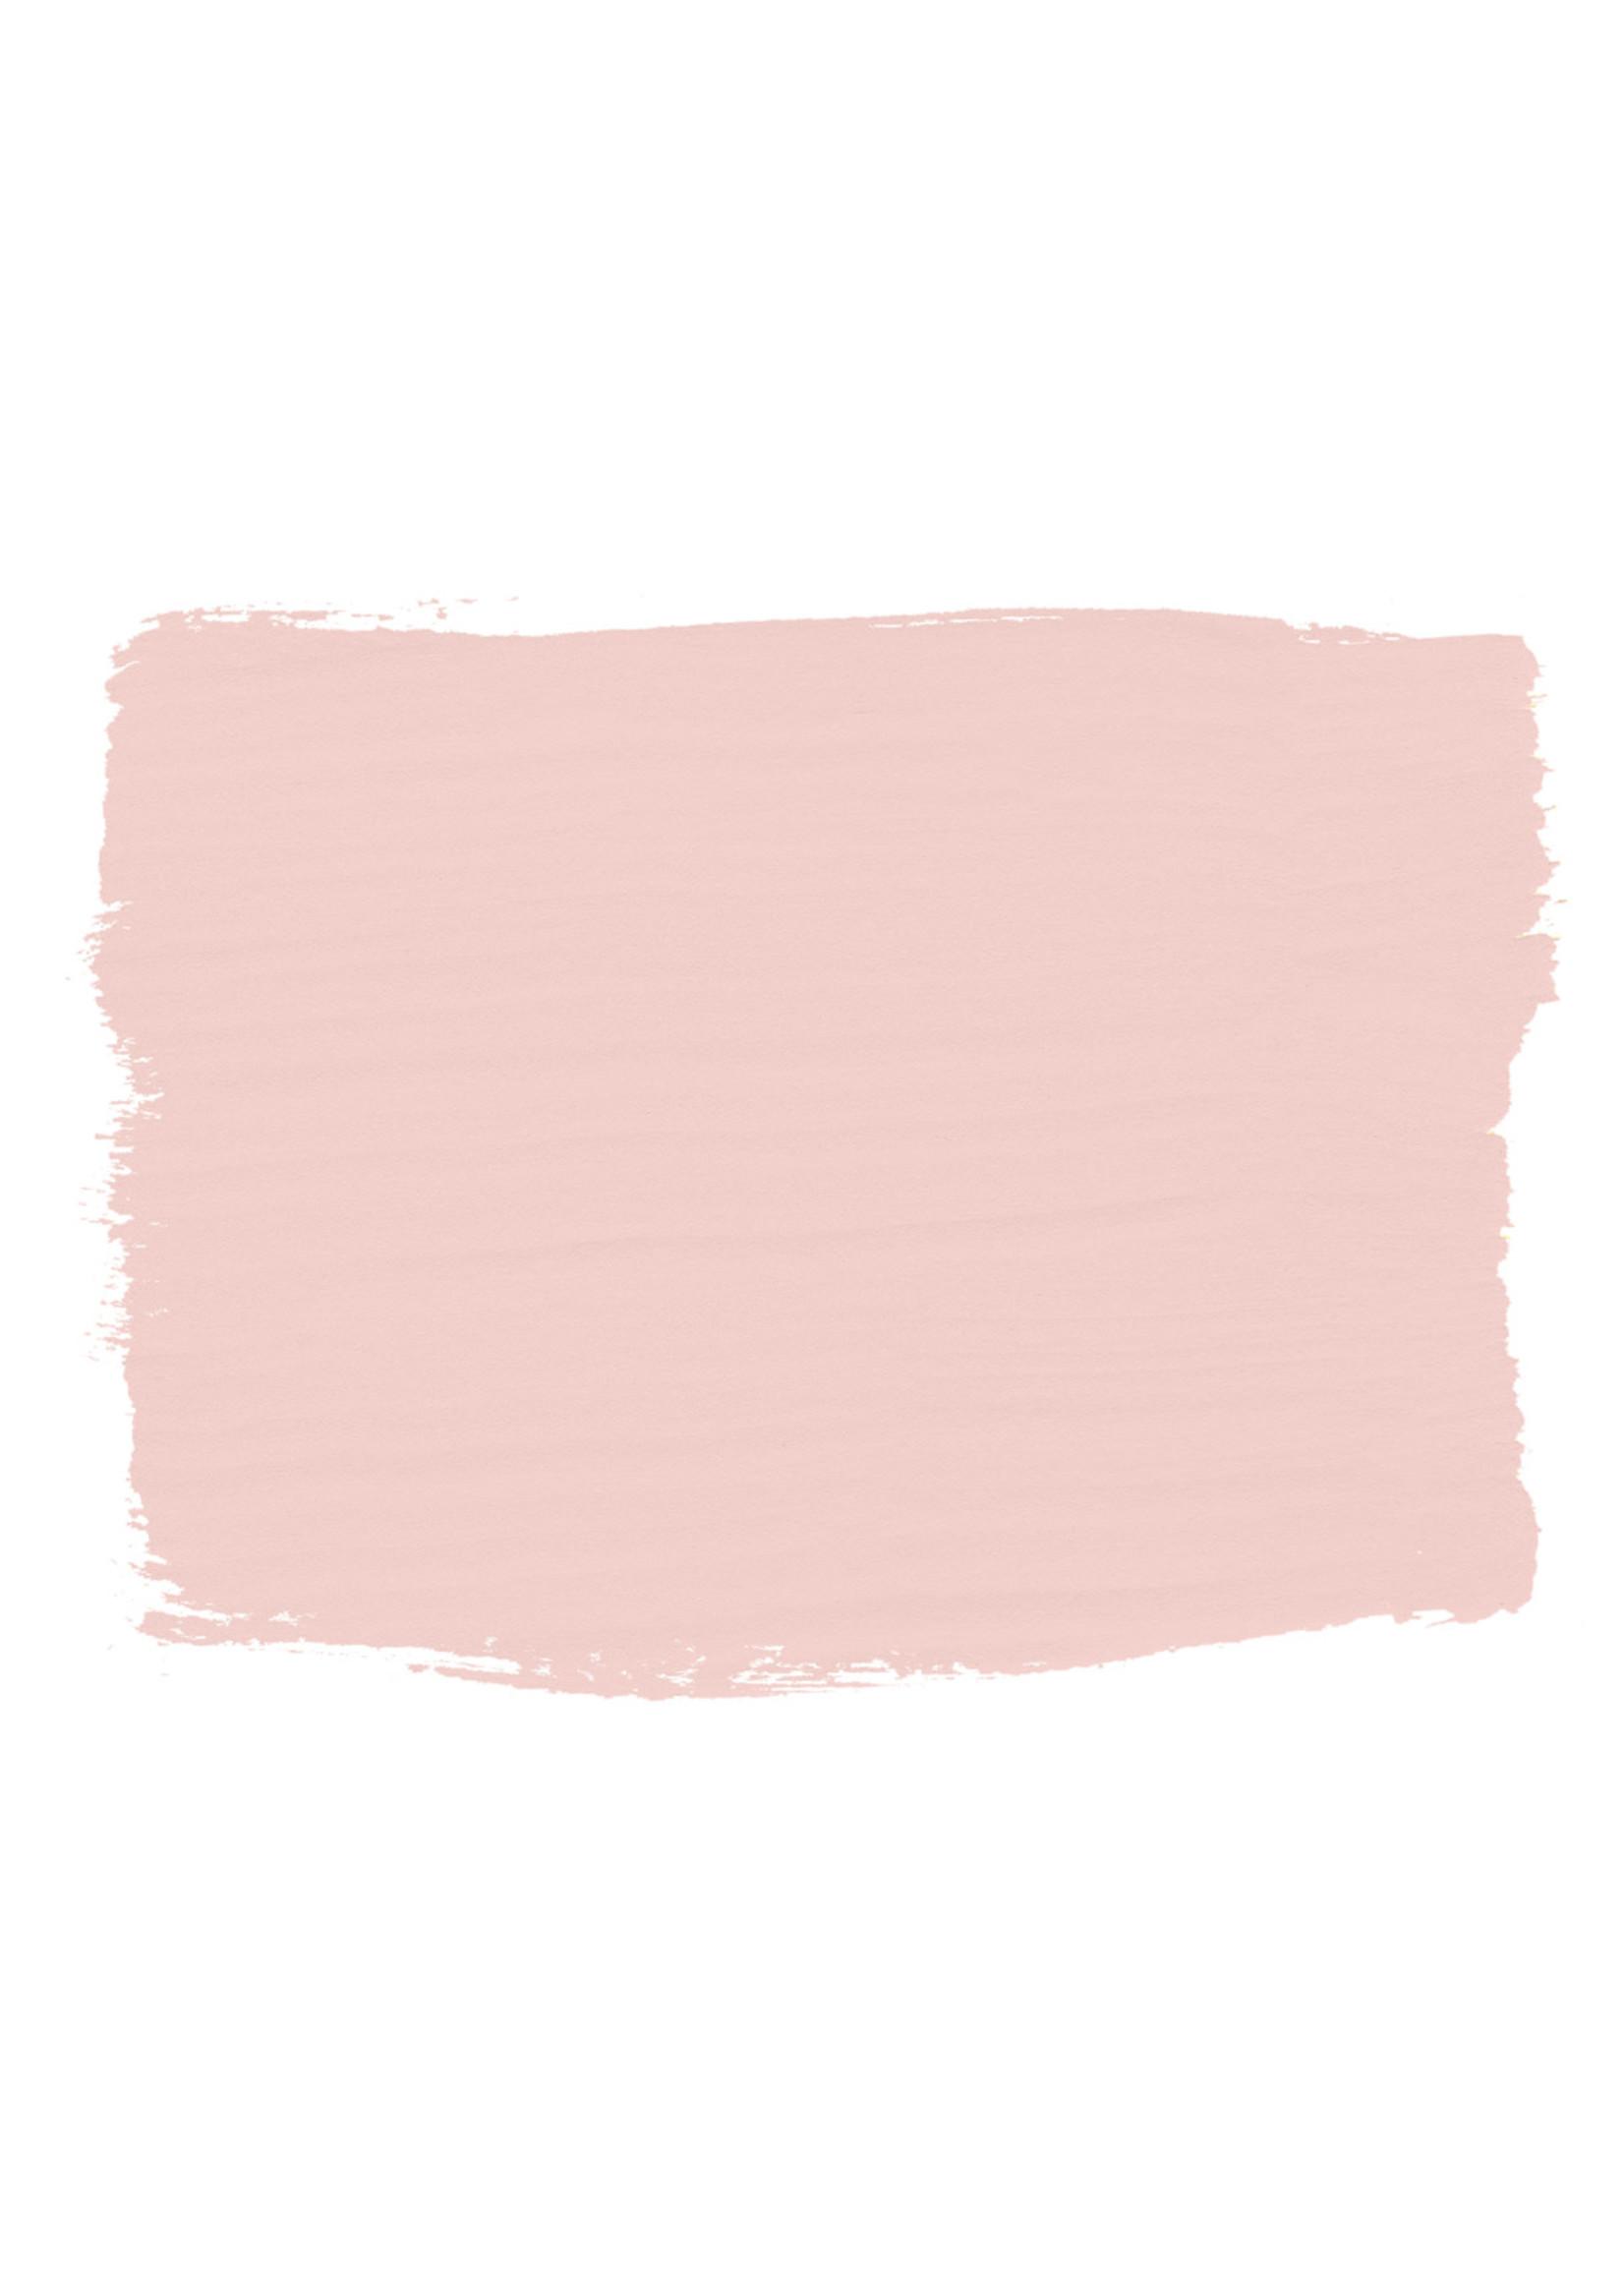 Annie Sloan Chalk Paint® Antoinette Annie Sloan Chalk Paint ®